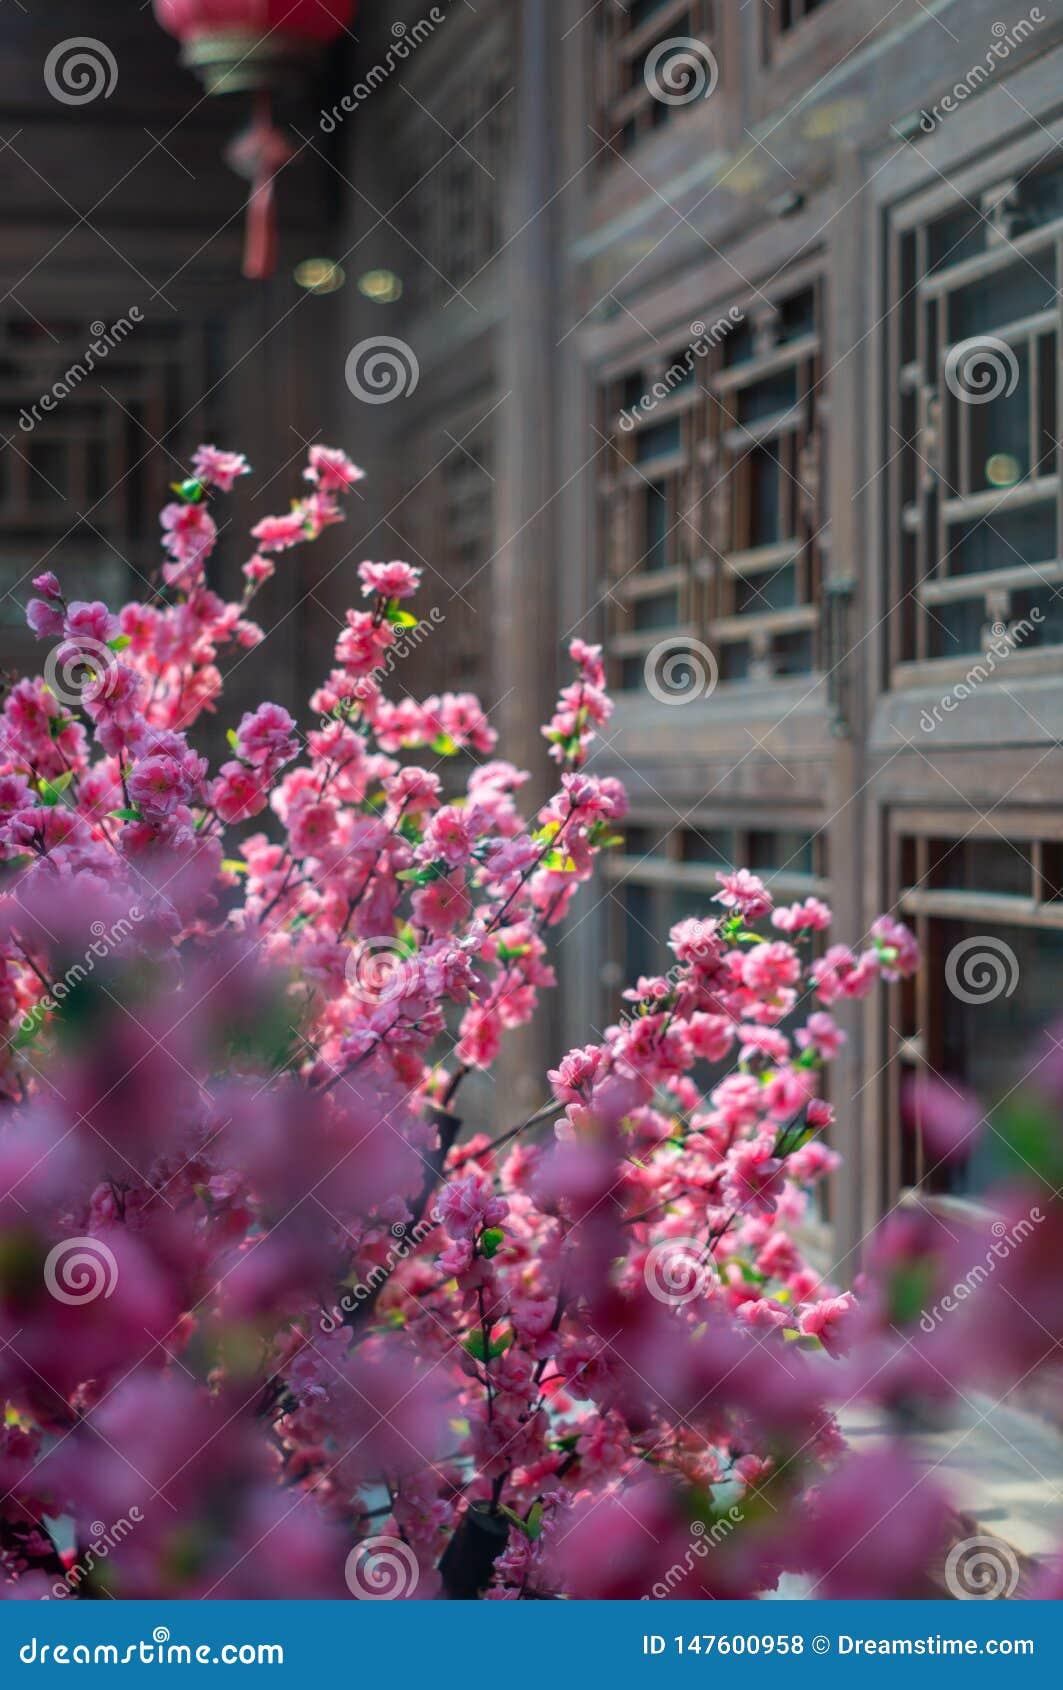 Plum Blossom in Peking Hutong